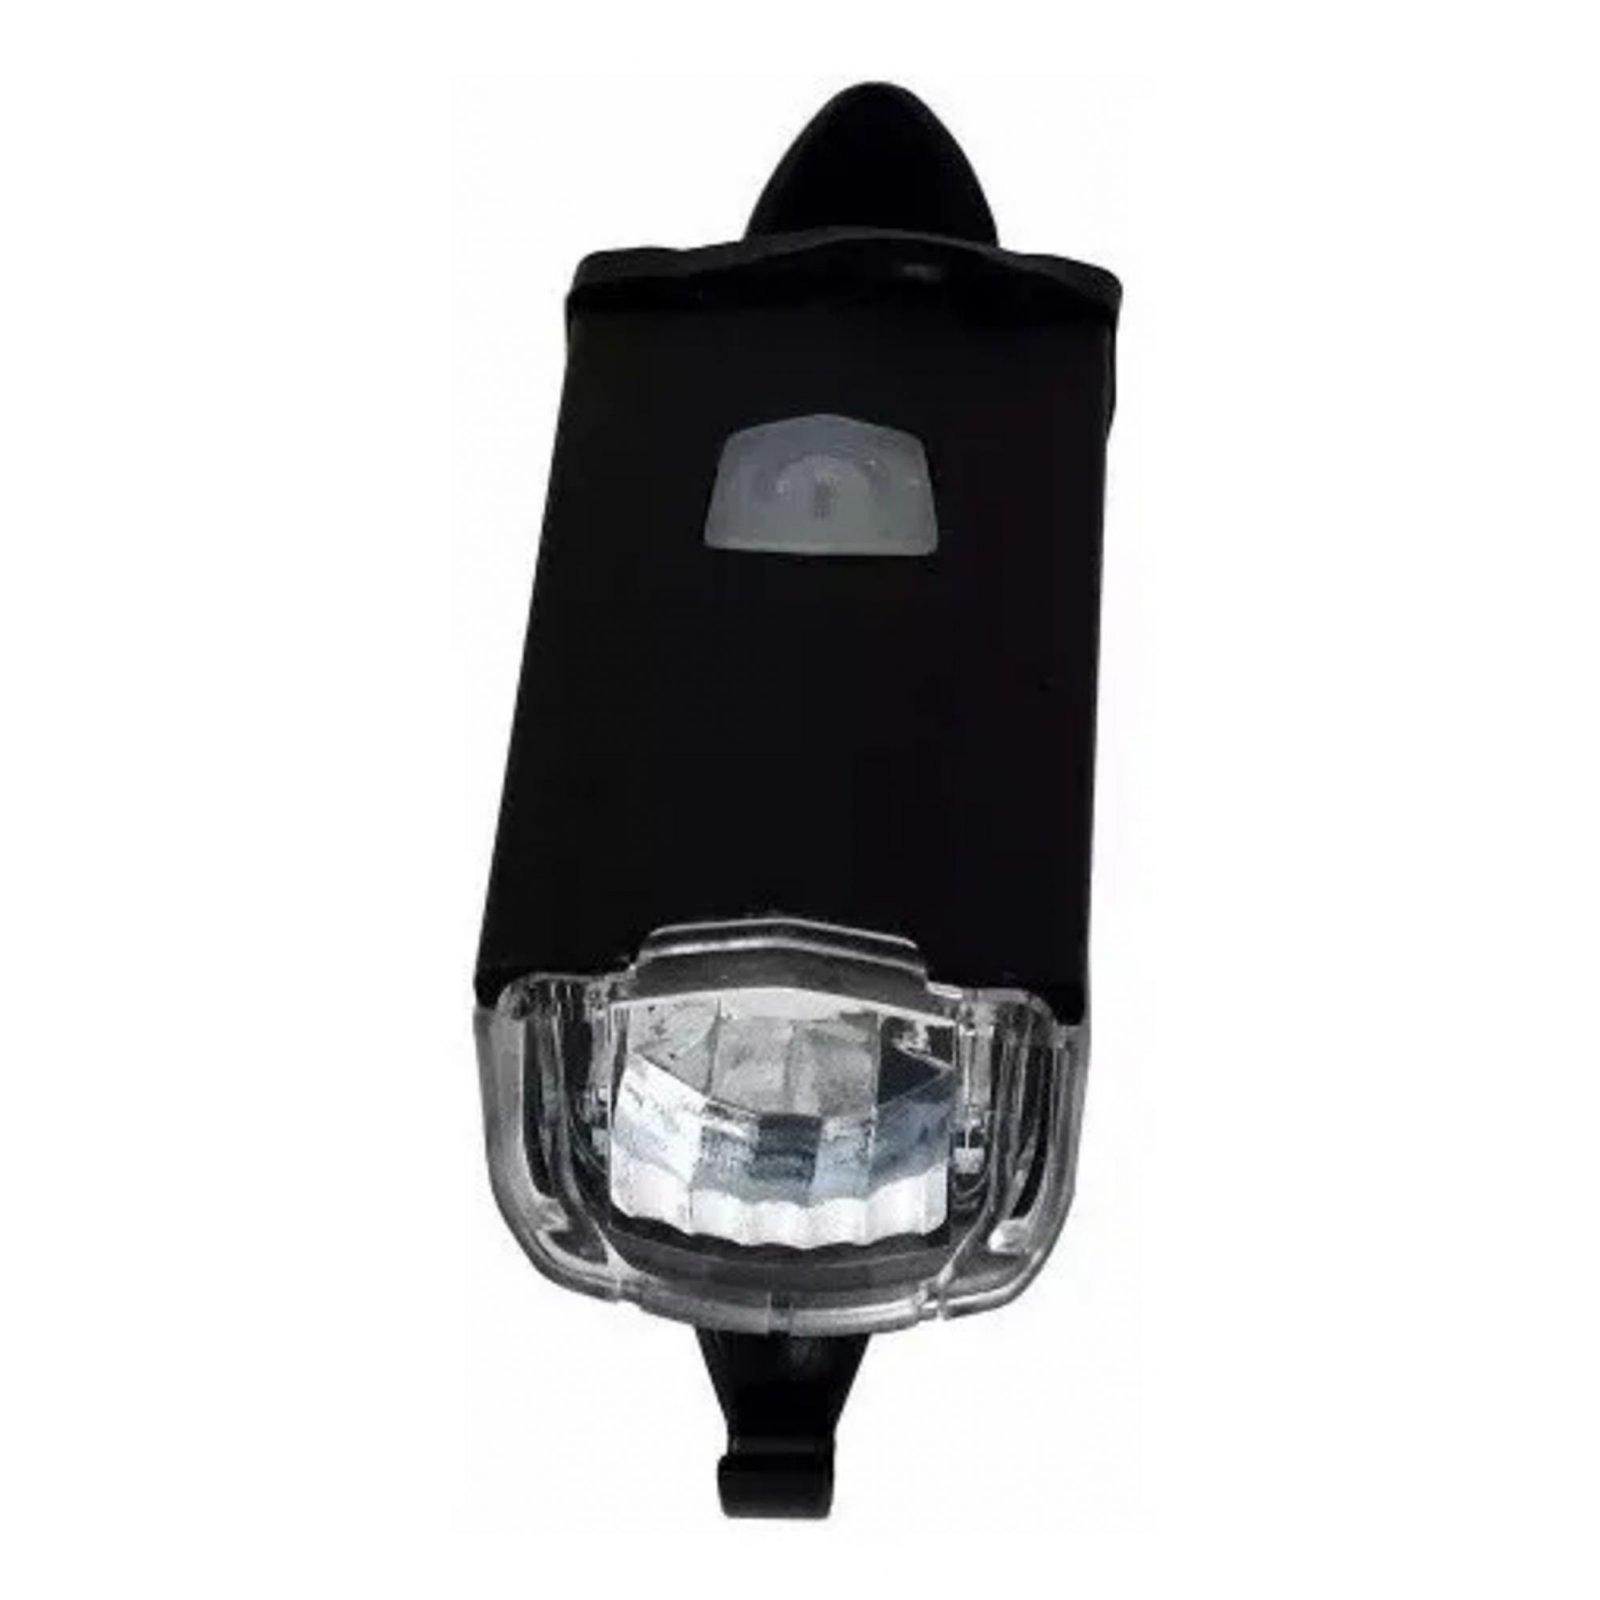 Fárol Dianteiro Absolute JY-7040 Led 3W 200 Lumens USB